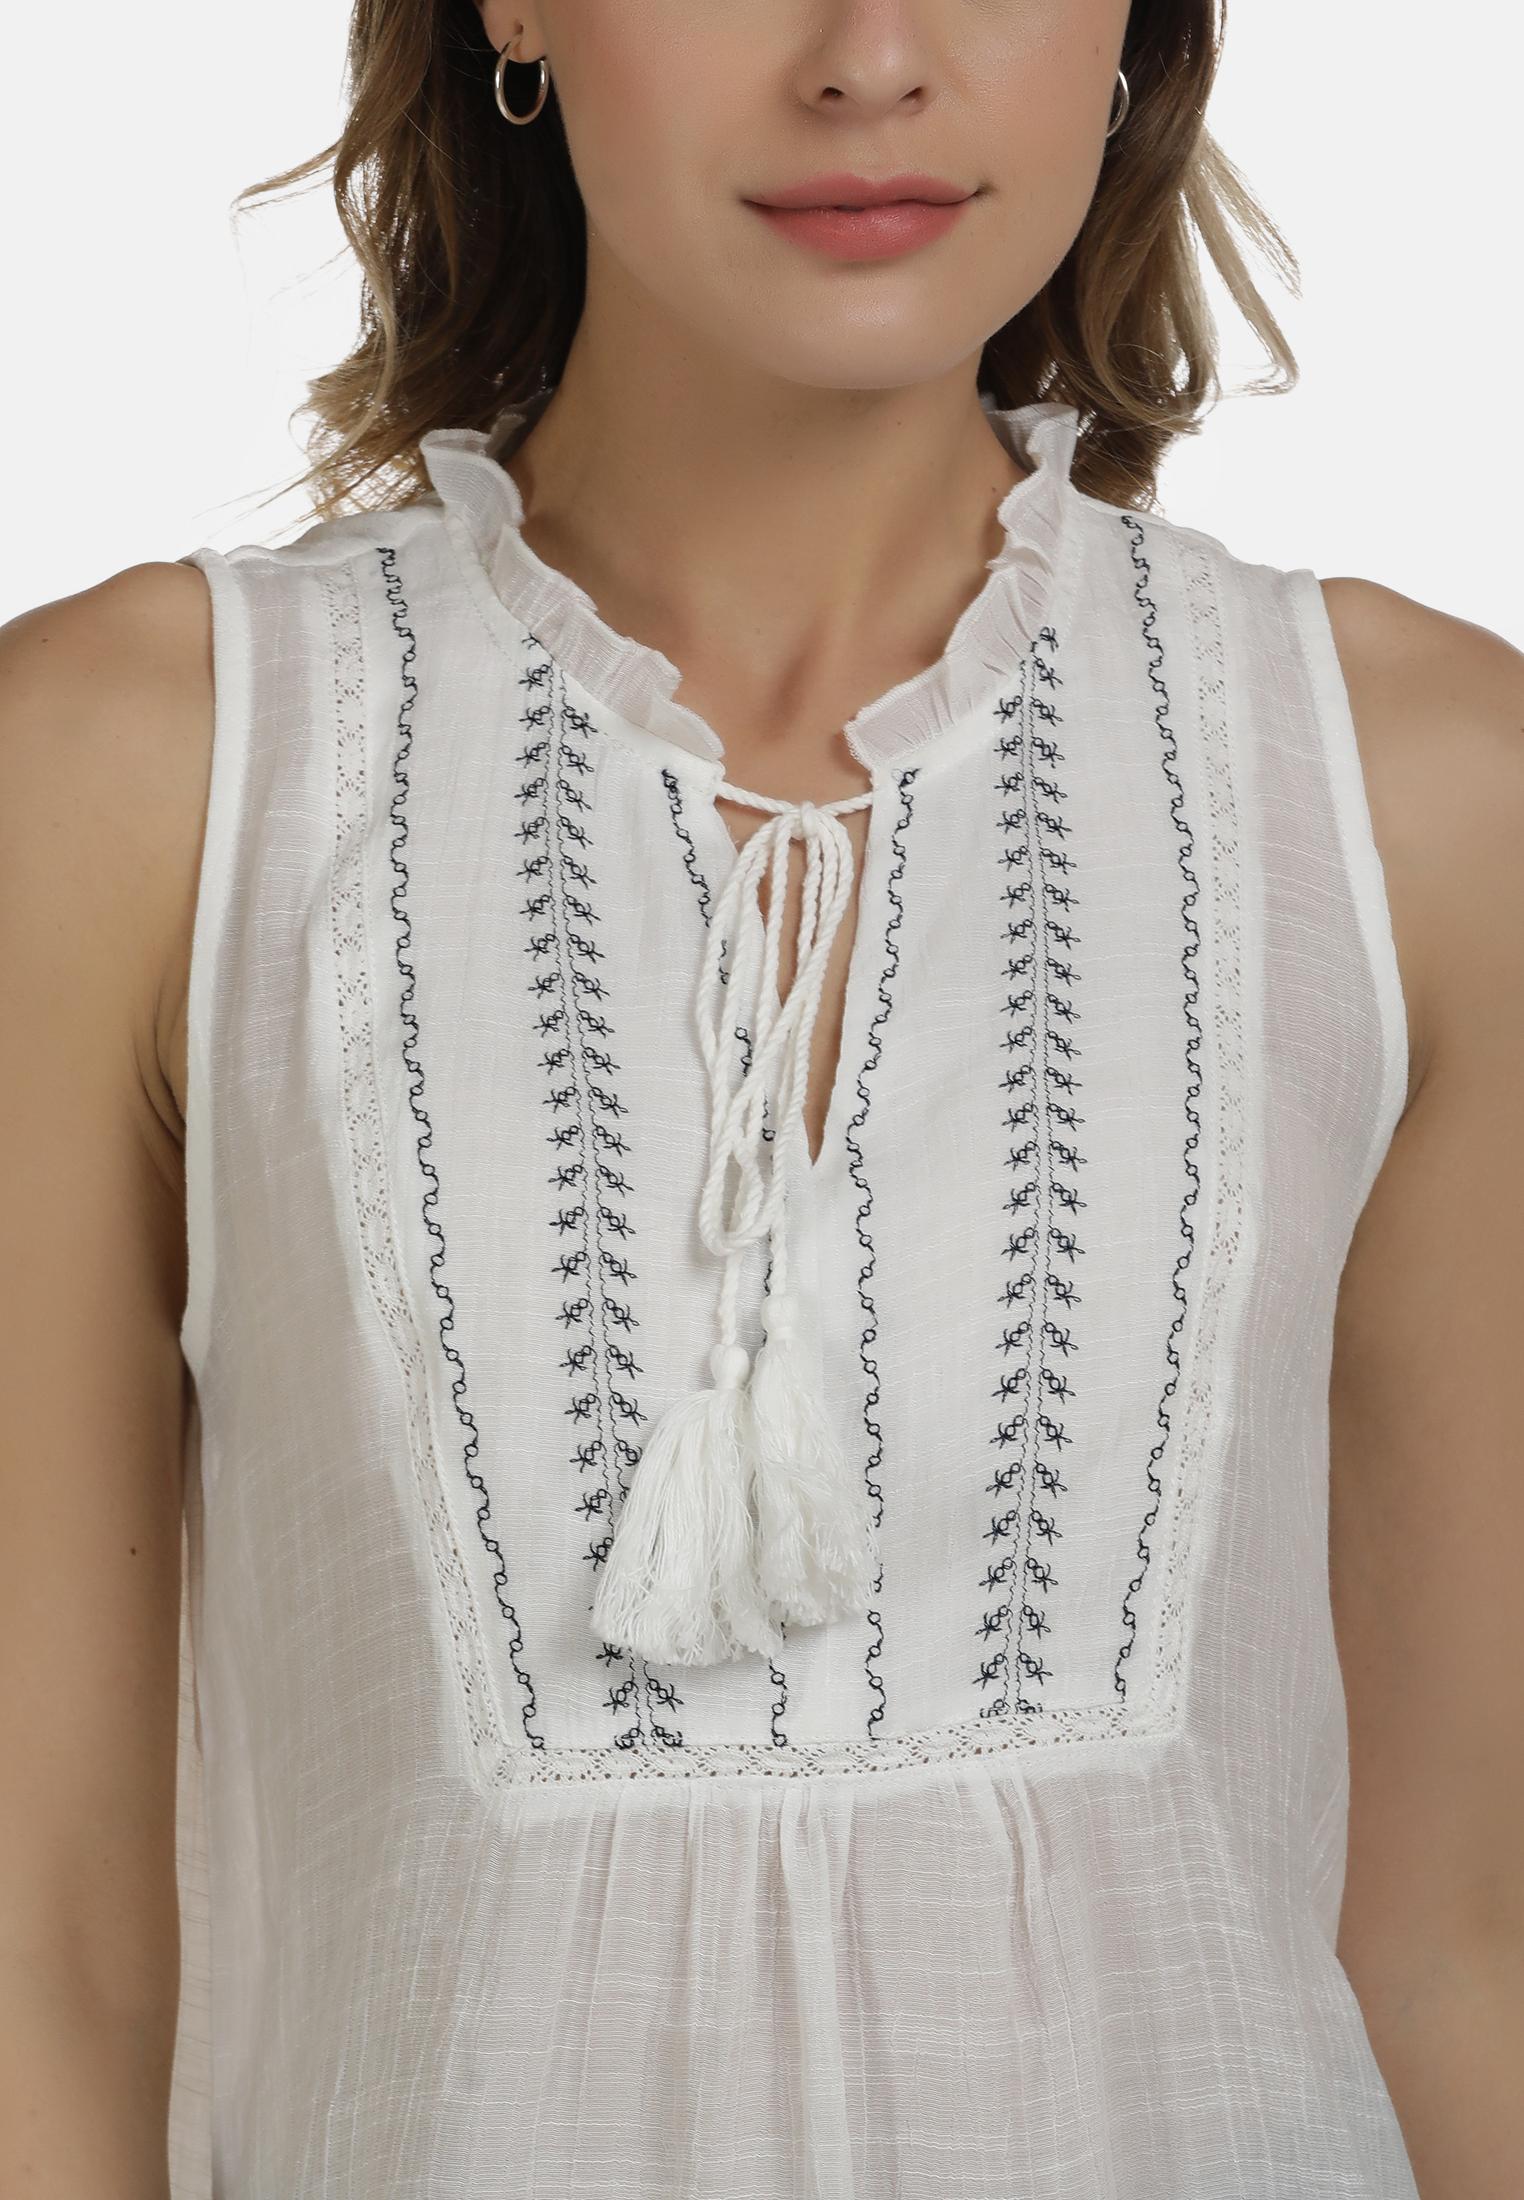 DreiMaster Vintage Bluse in wollweiss günstig kaufen